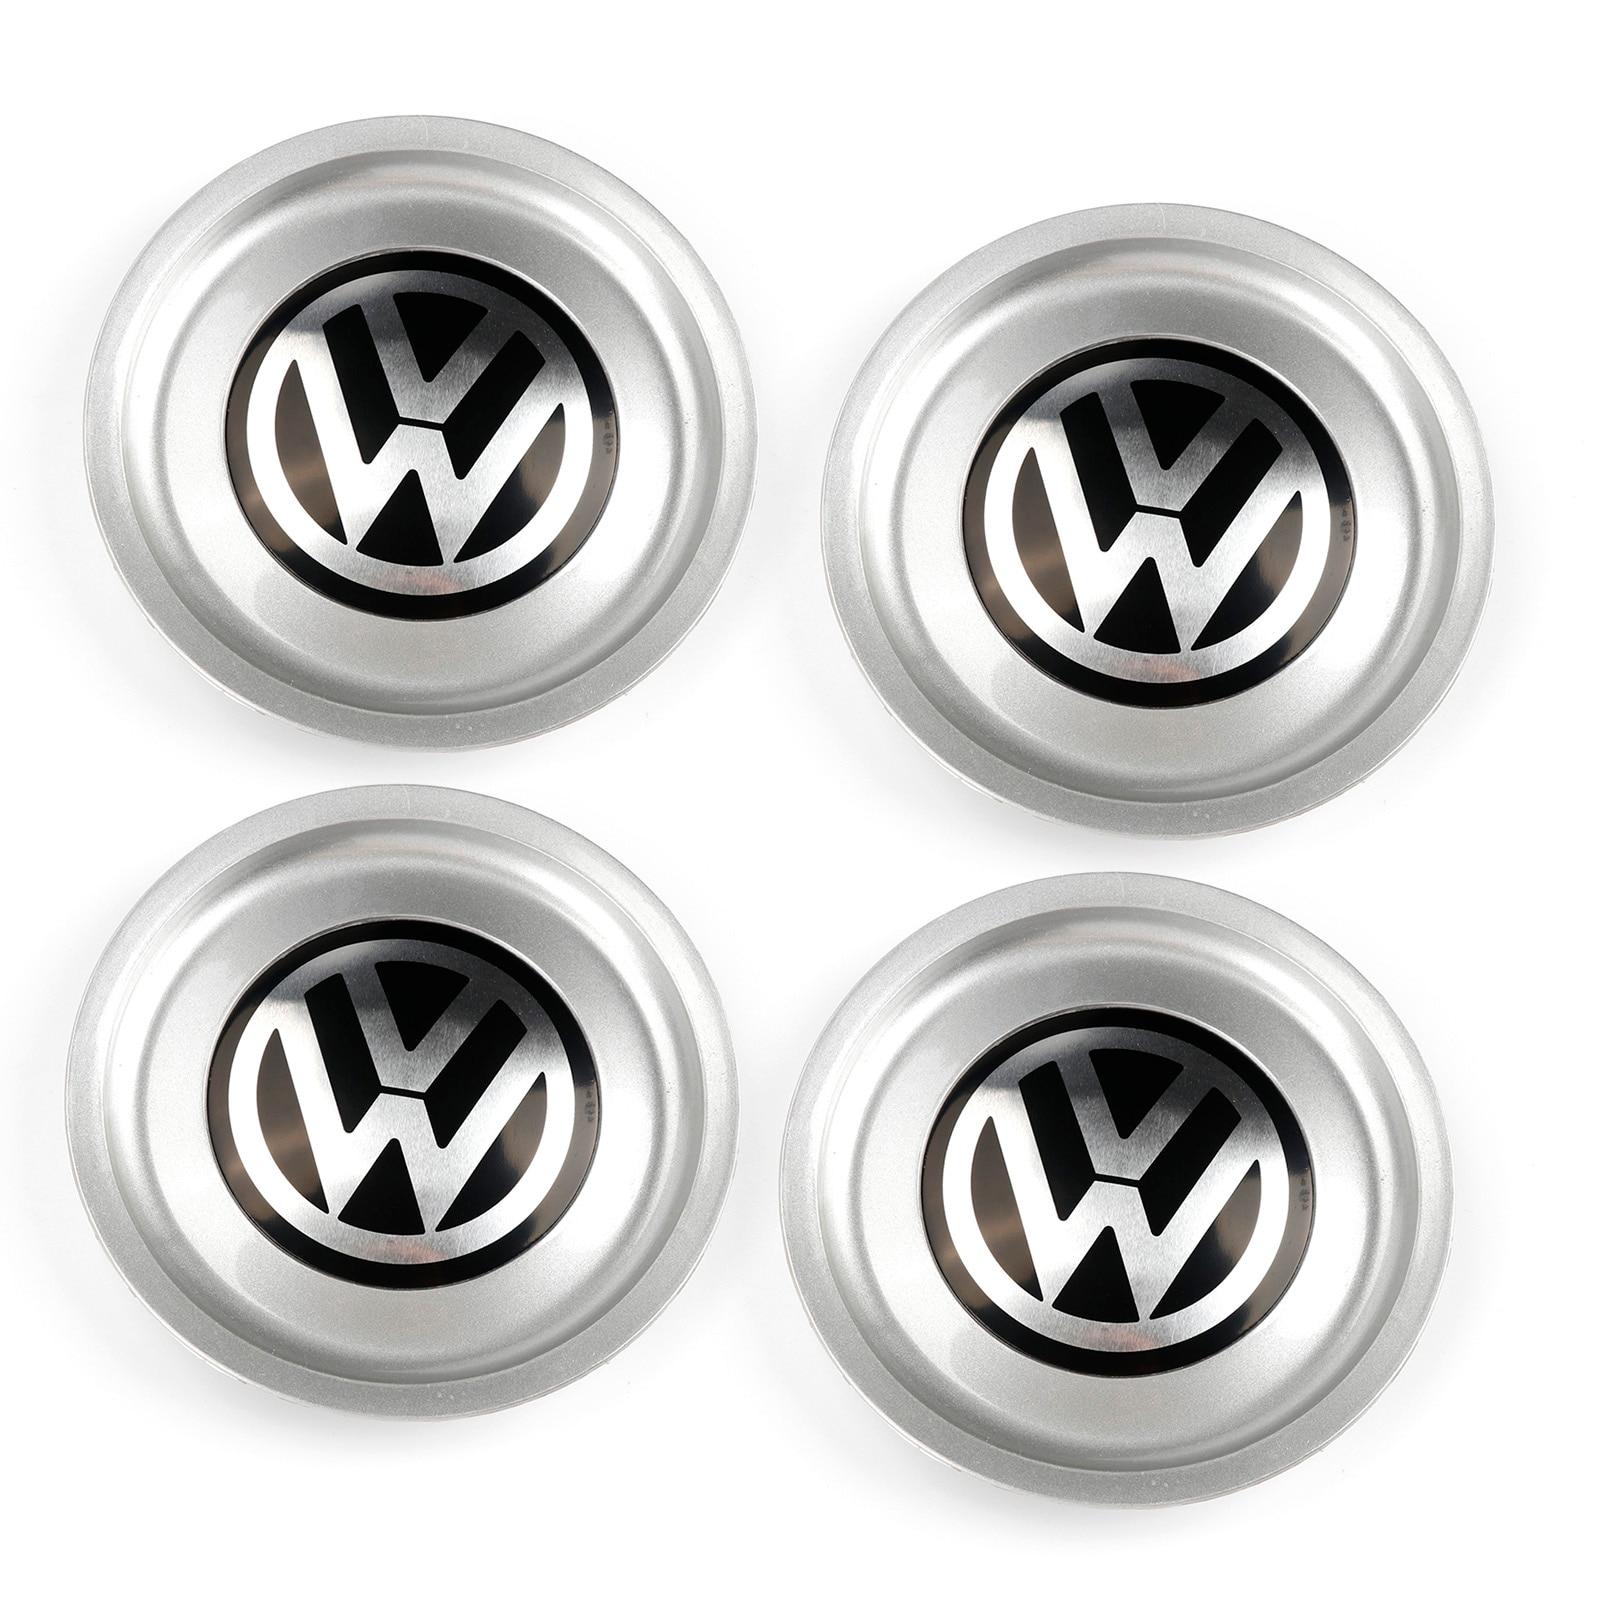 4 шт. OEM 152 мм 1J0 601 149 B VW Логотип колеса центр ступицы обод крышка Эмблема для VW Jetta Golf MK4 1J0601149B